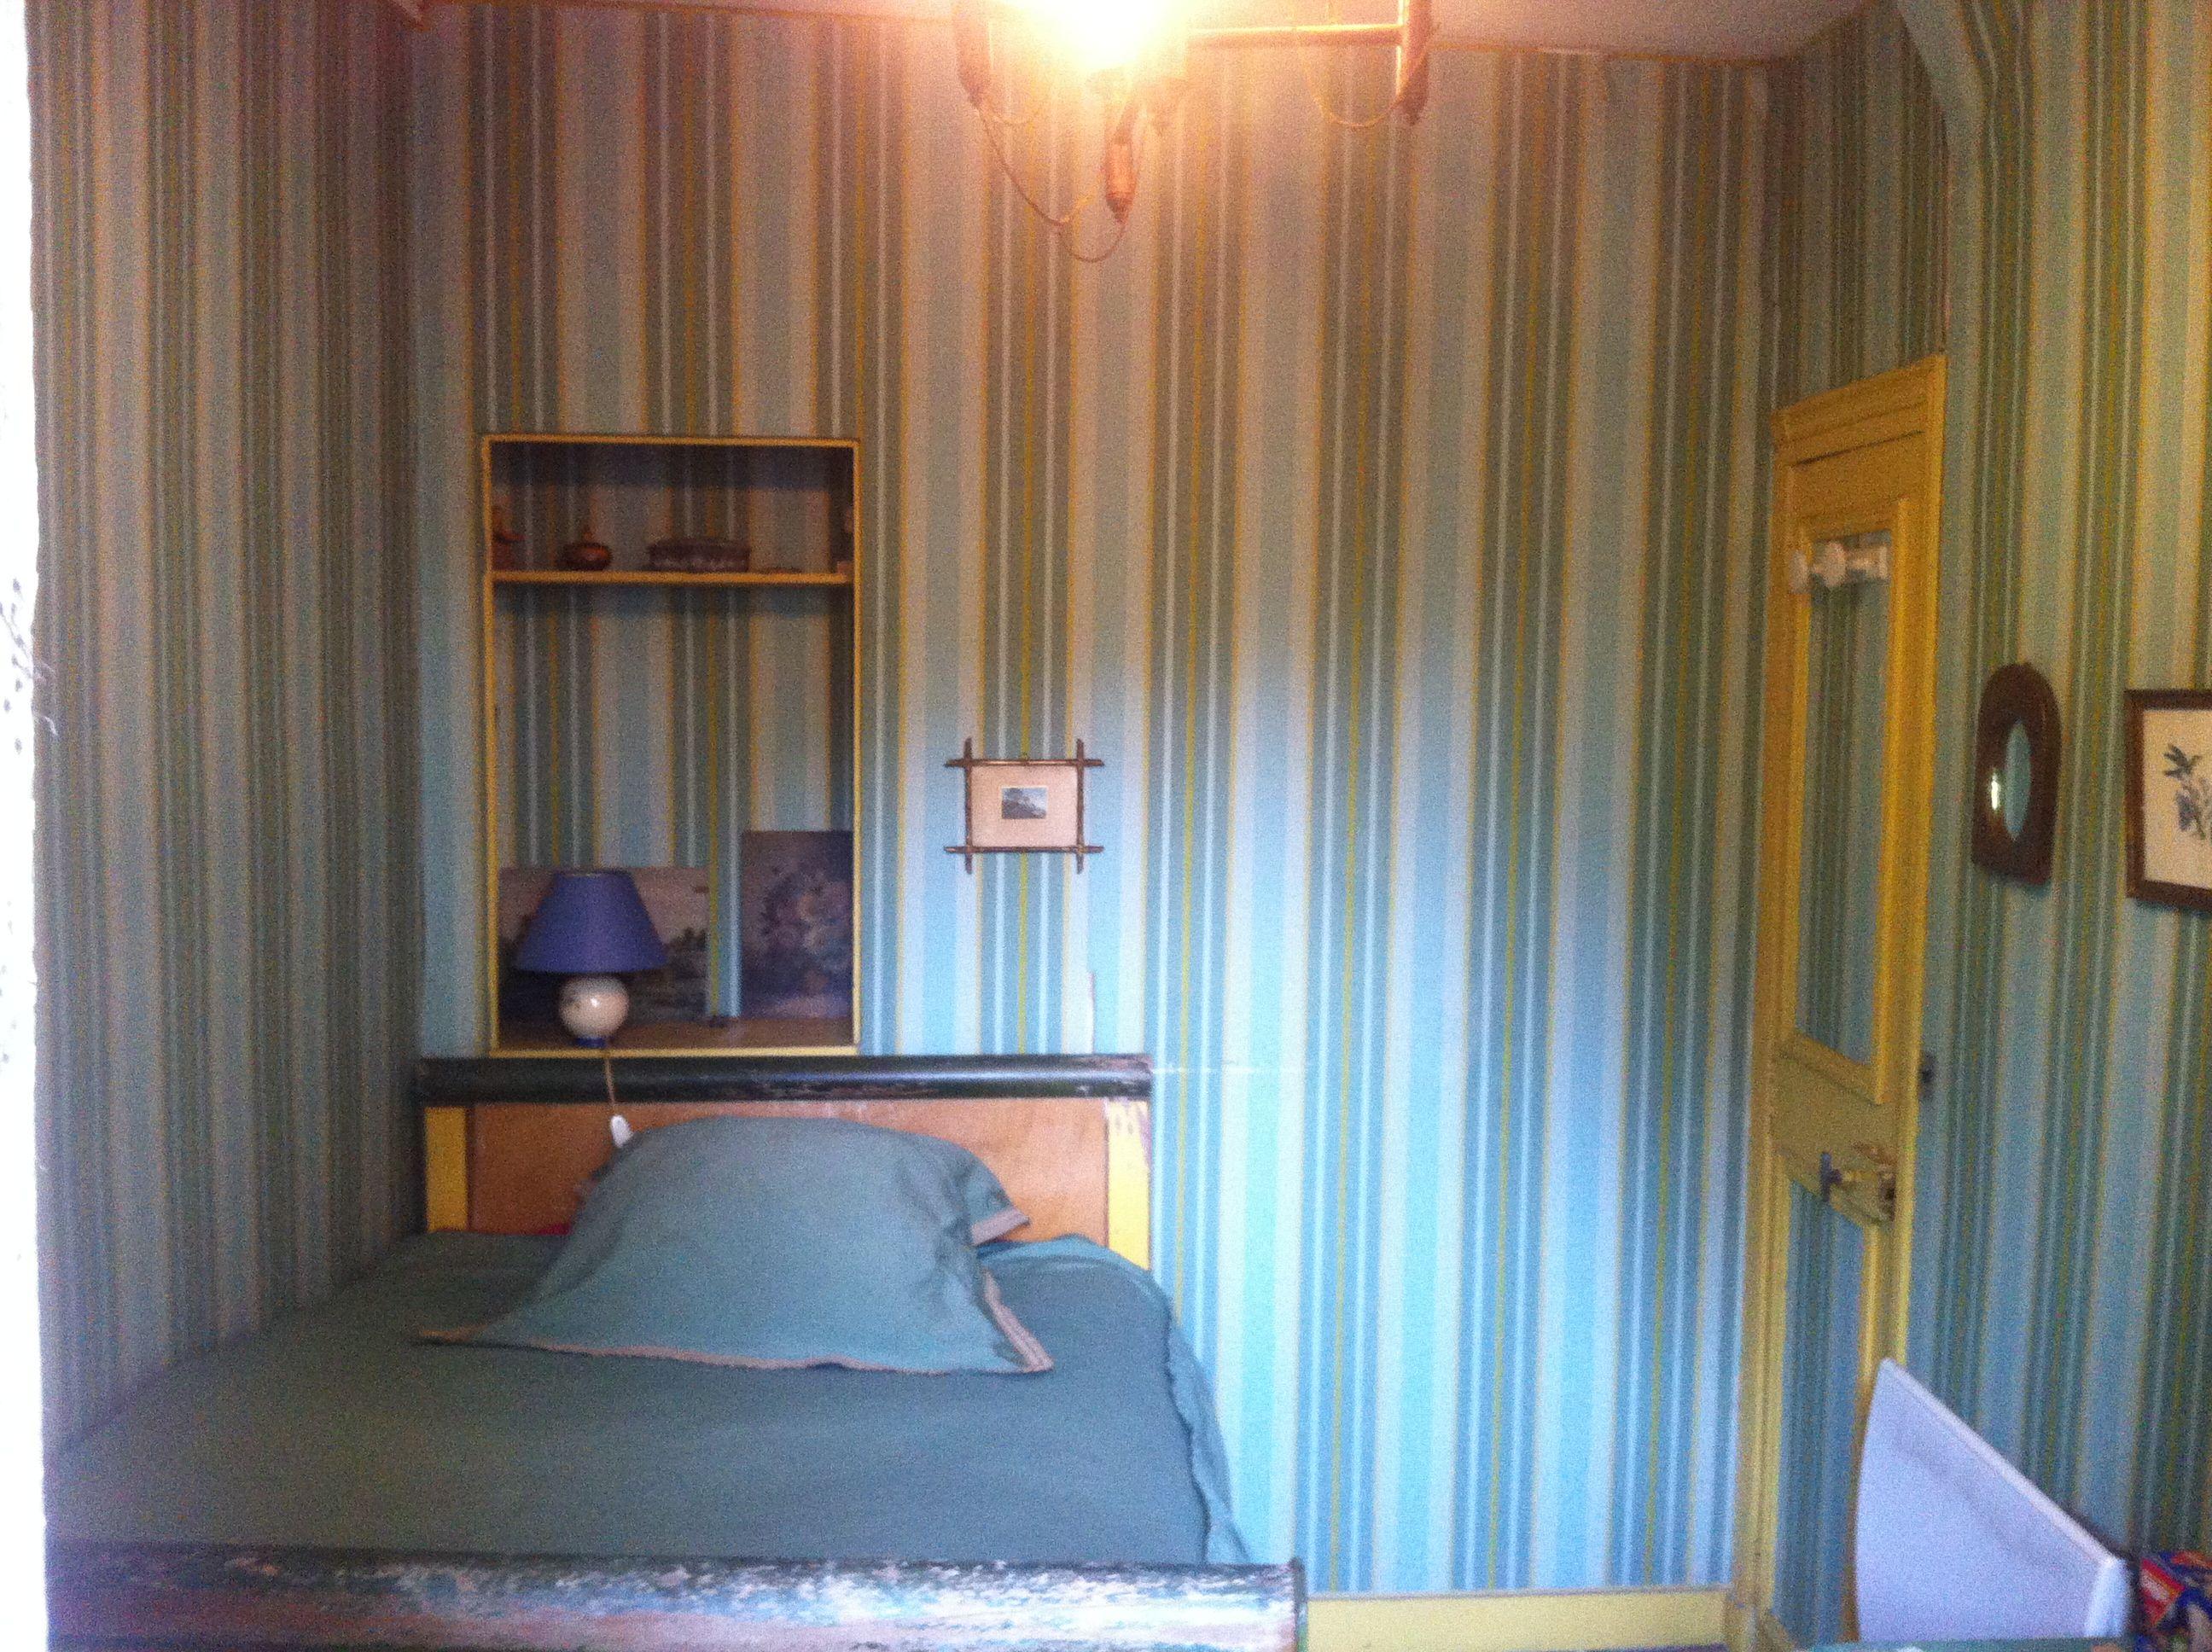 Propri t romantique en r gion parisienne dans l 39 essonne for Hotel romantique region parisienne